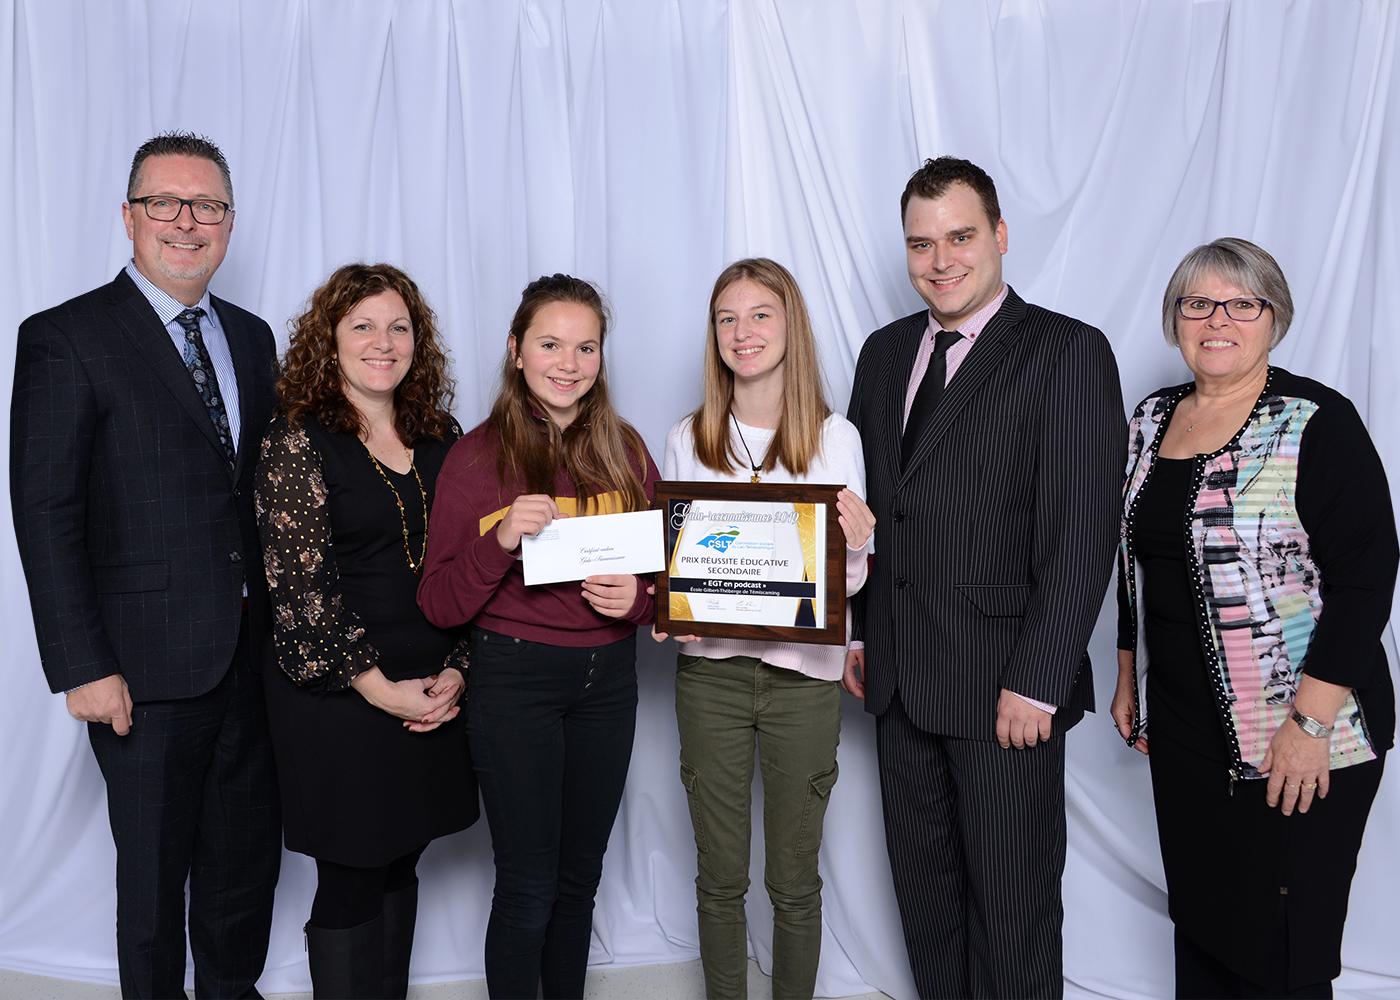 Photo de groupe - Prix réussite éducative secondaire - École Gilbert-Théberge de Témiscaming